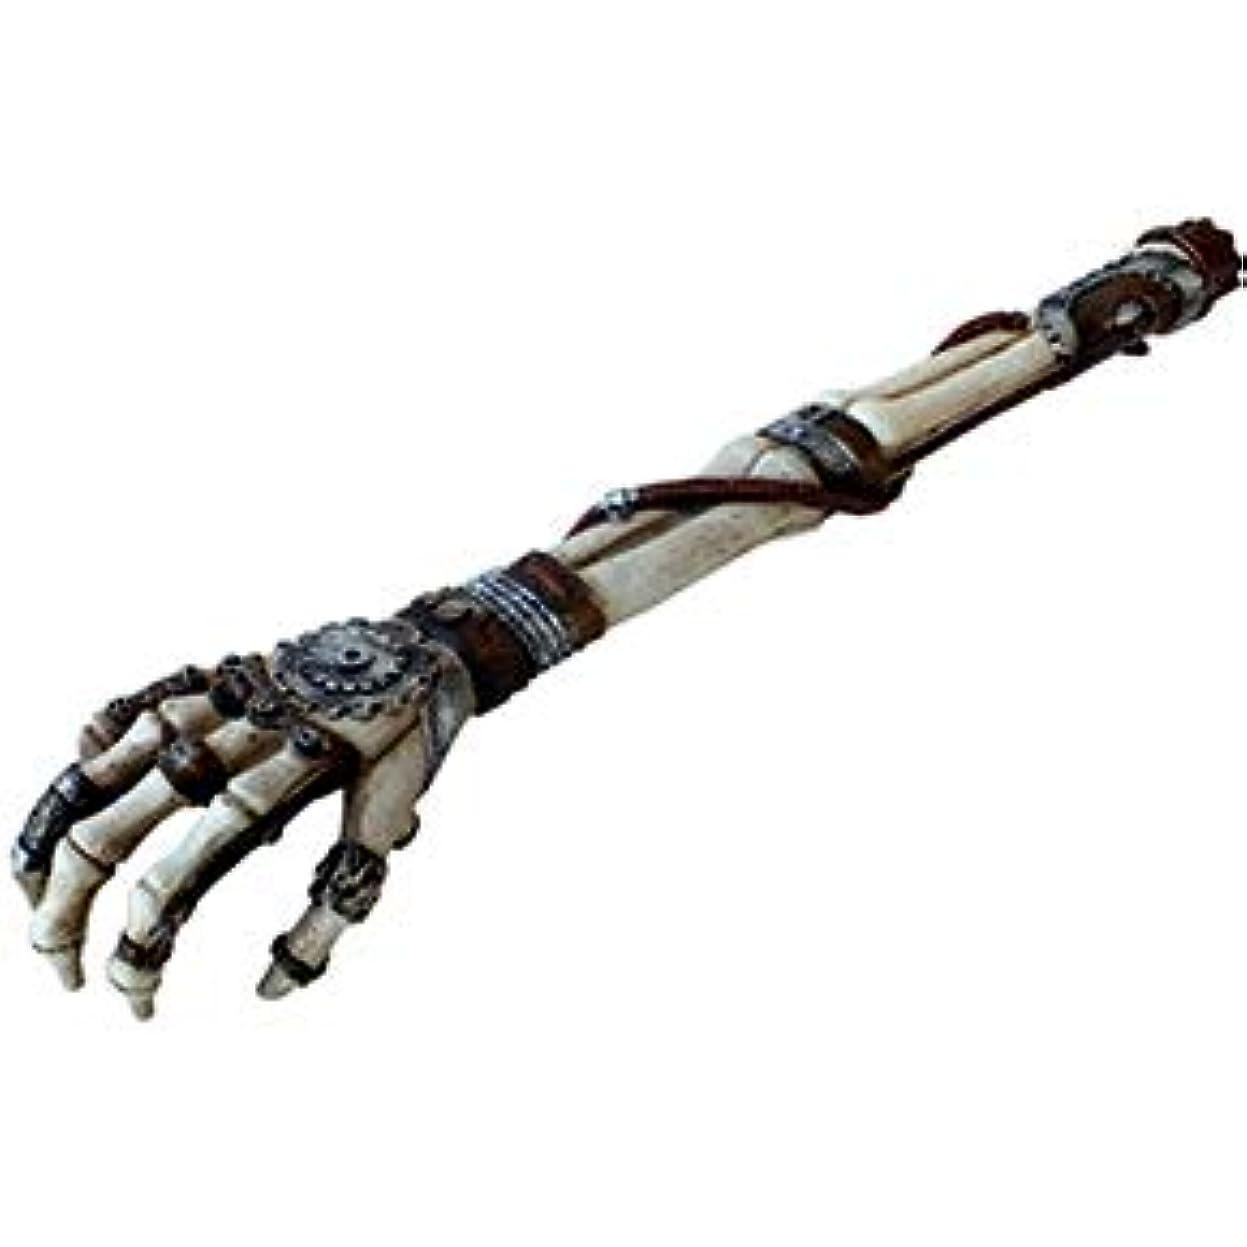 効能ある苦情文句闘争スチームパンクスケルトンアーム バックスクラッチャー(孫の手) Steampunk Skeleton arm back scratcher